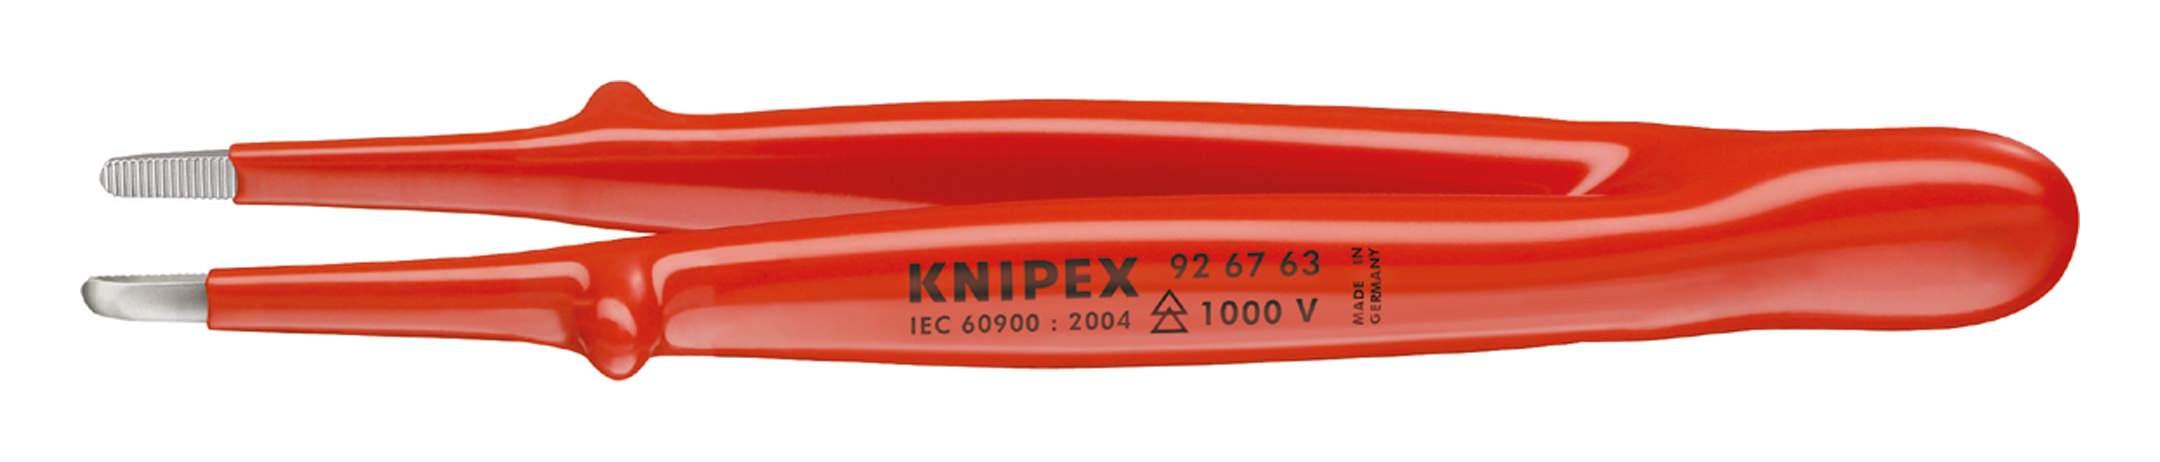 Knipex Präzisions-Pinzette VDE 145mm runde Spitzen - 92 67 63